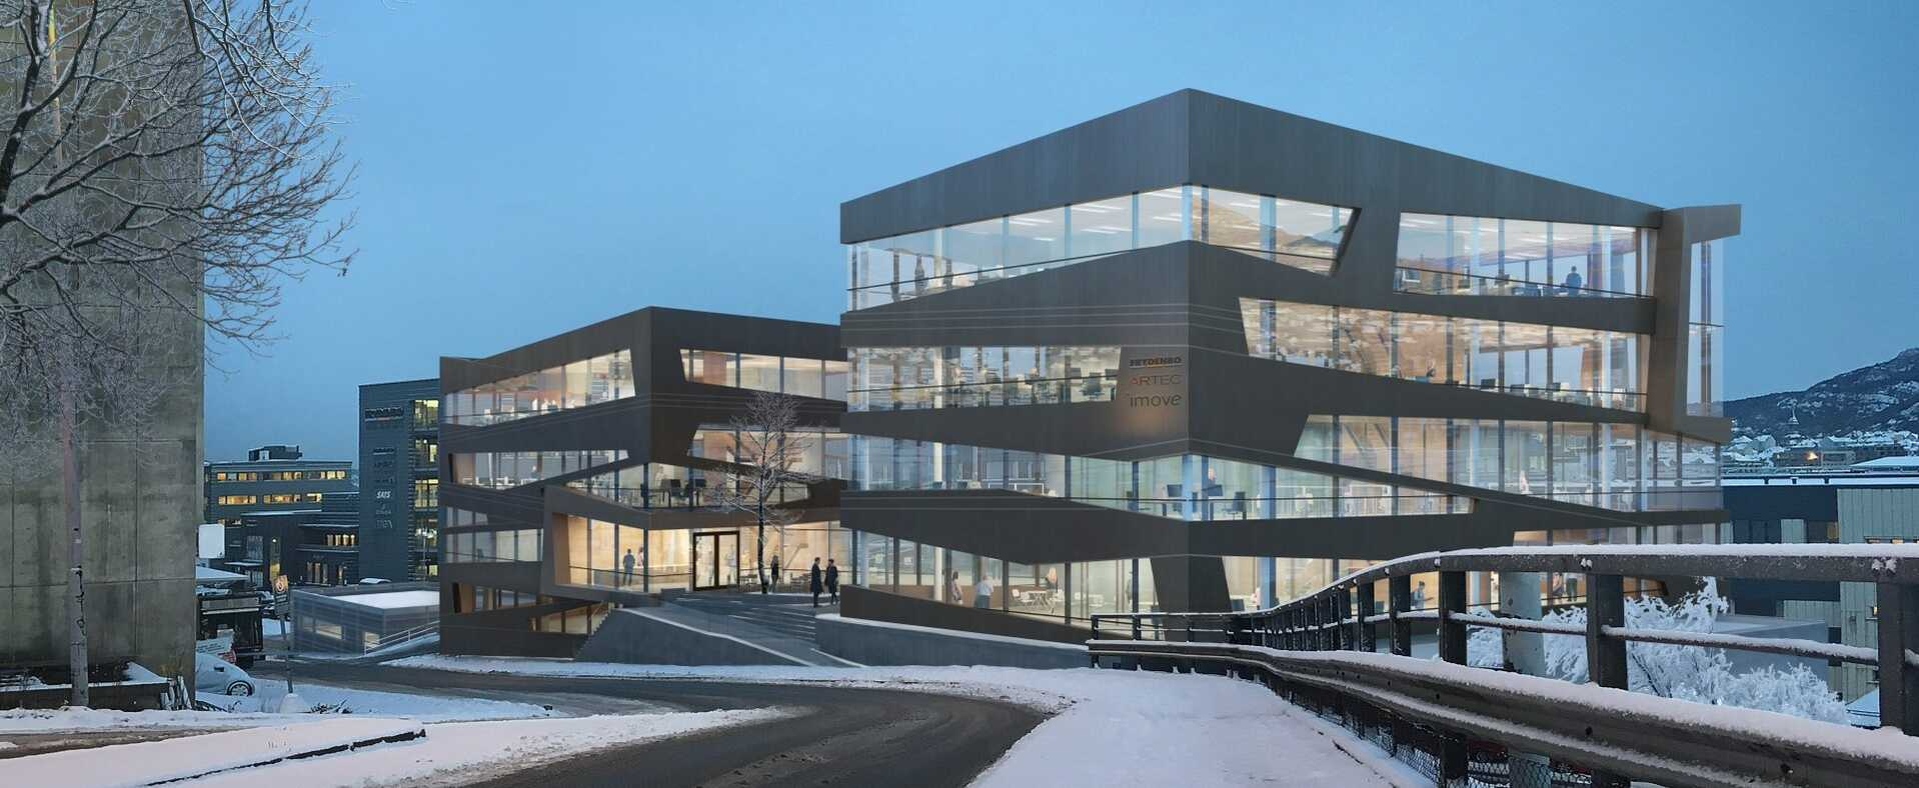 Frydenbø Eiendom BREEAM-certifies multiple buildings